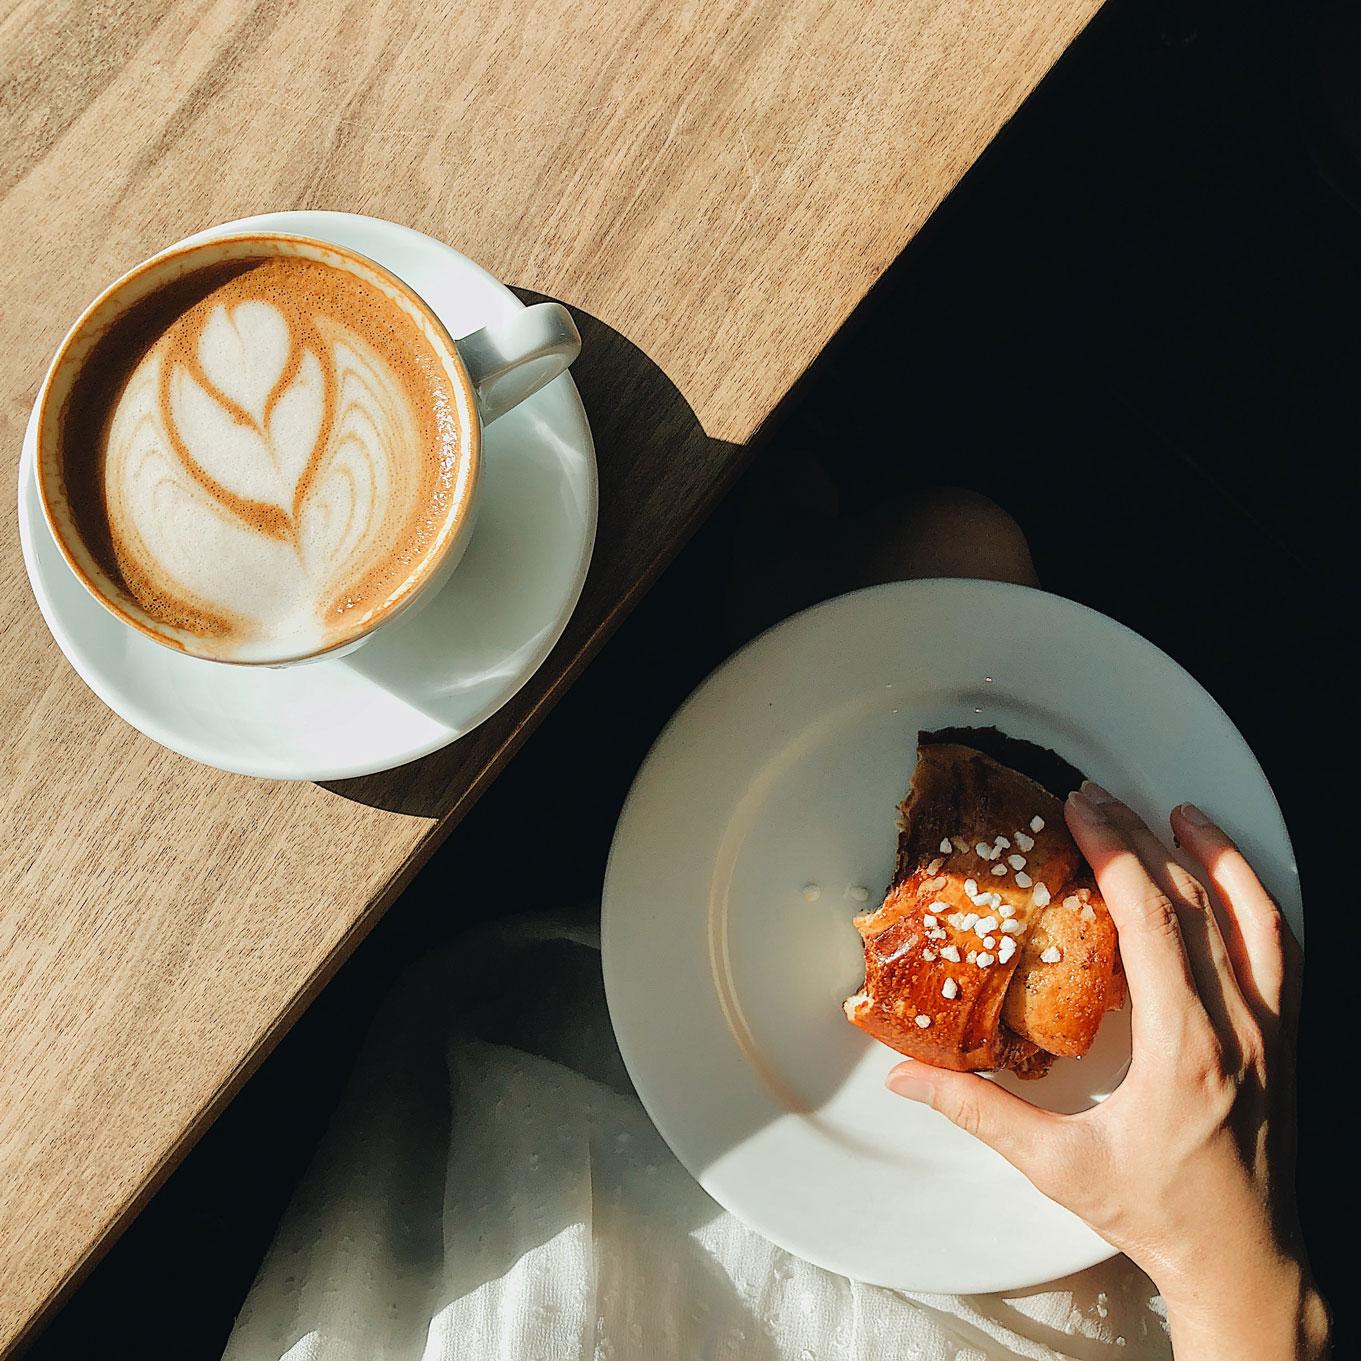 Korvapuusti-Finnish-Cinnamon-Rolls-heart-coffee-roaster-shop-bakery